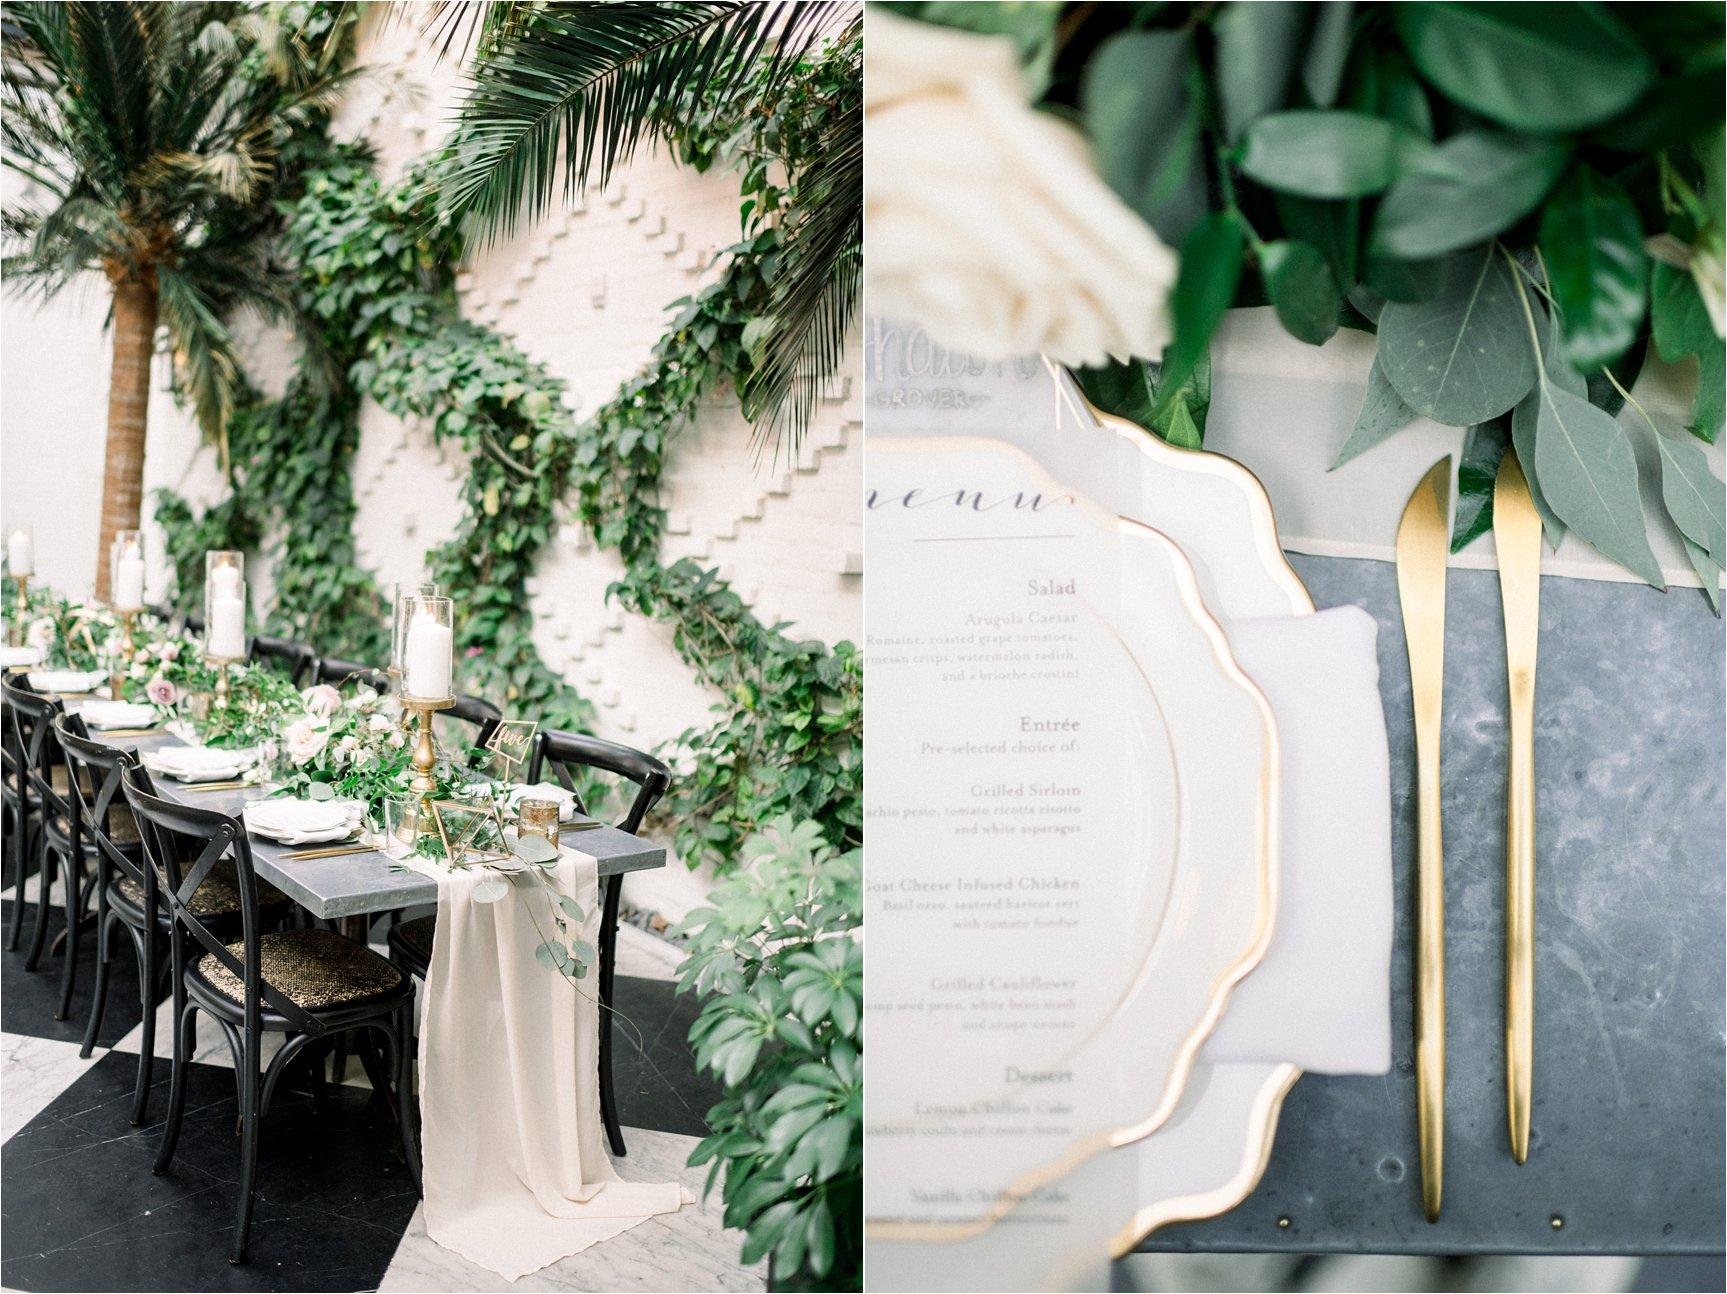 Oxford_Exchange_Wedding_Tampa139.JPG